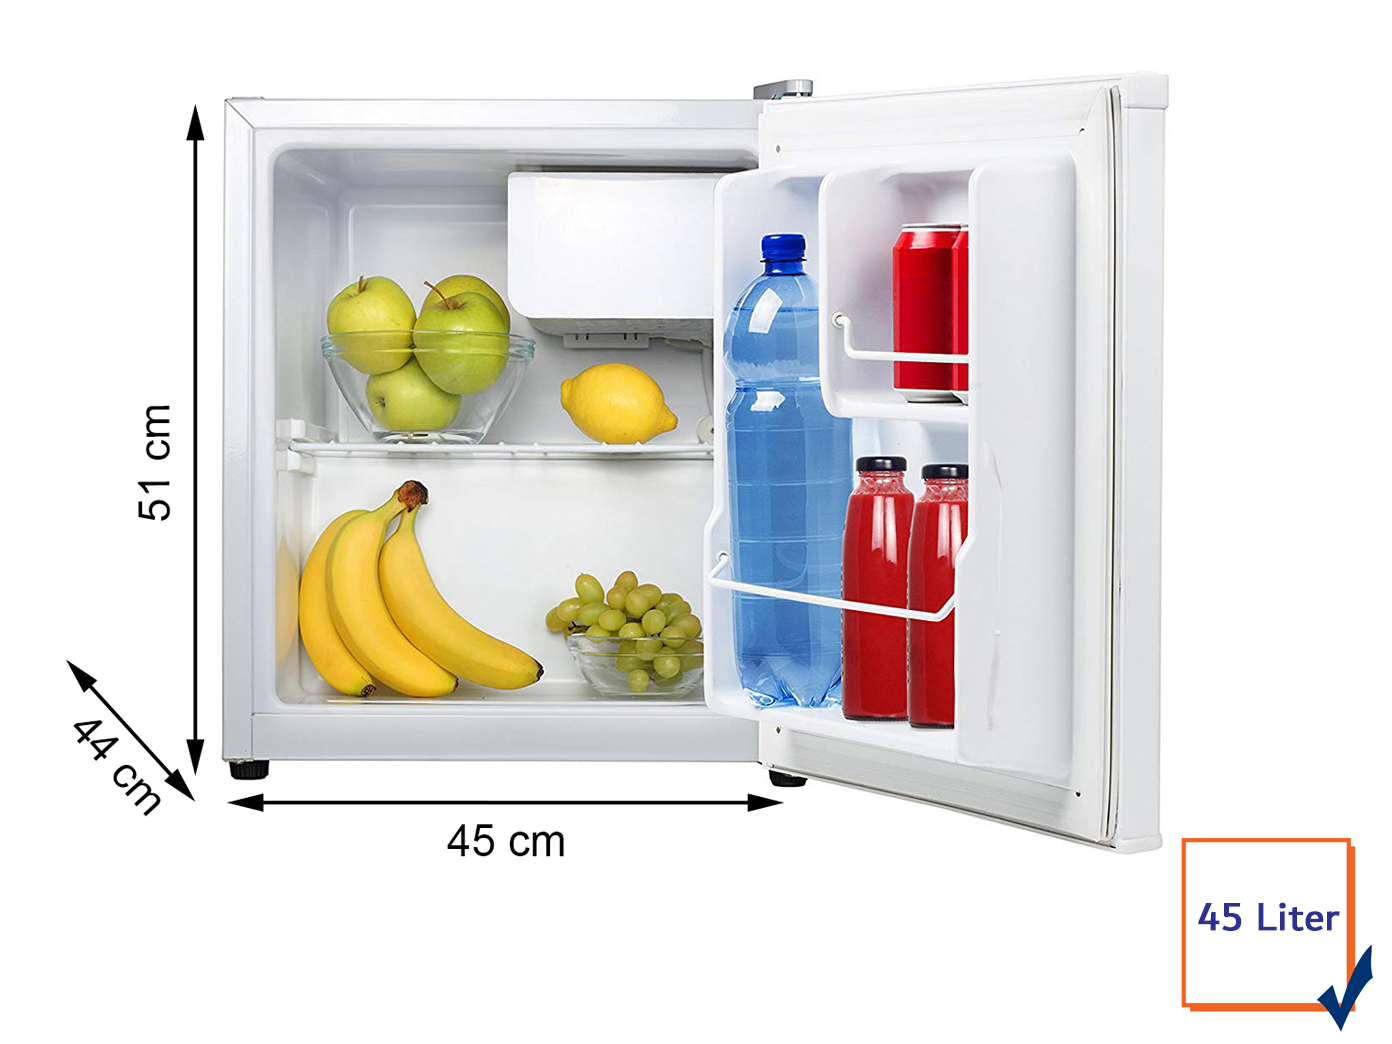 Kleiner Kühlschrank Ohne Gefrierfach : Kleiner mini kühlschrank freistehend l mit l gefrierfach